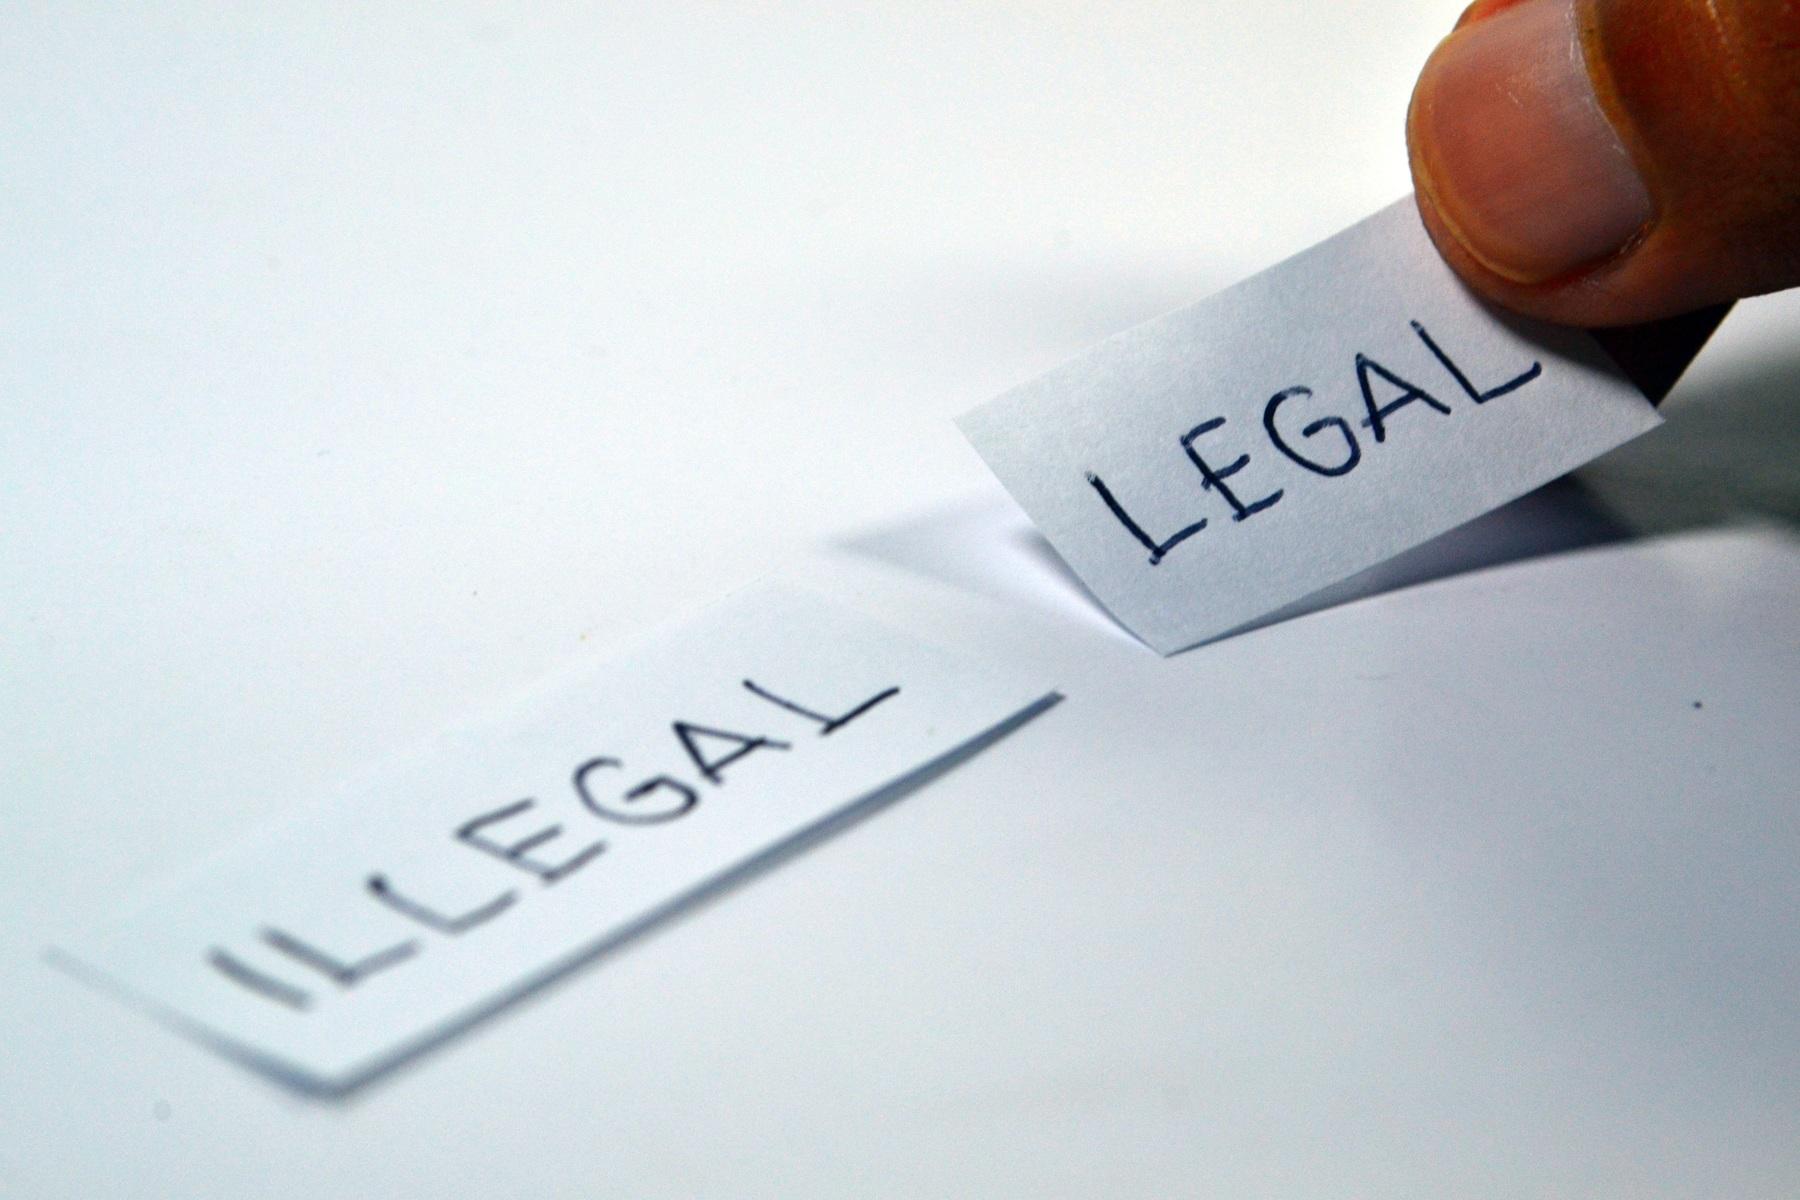 Imagem sobre a duvida da legalidade e ilegalidade